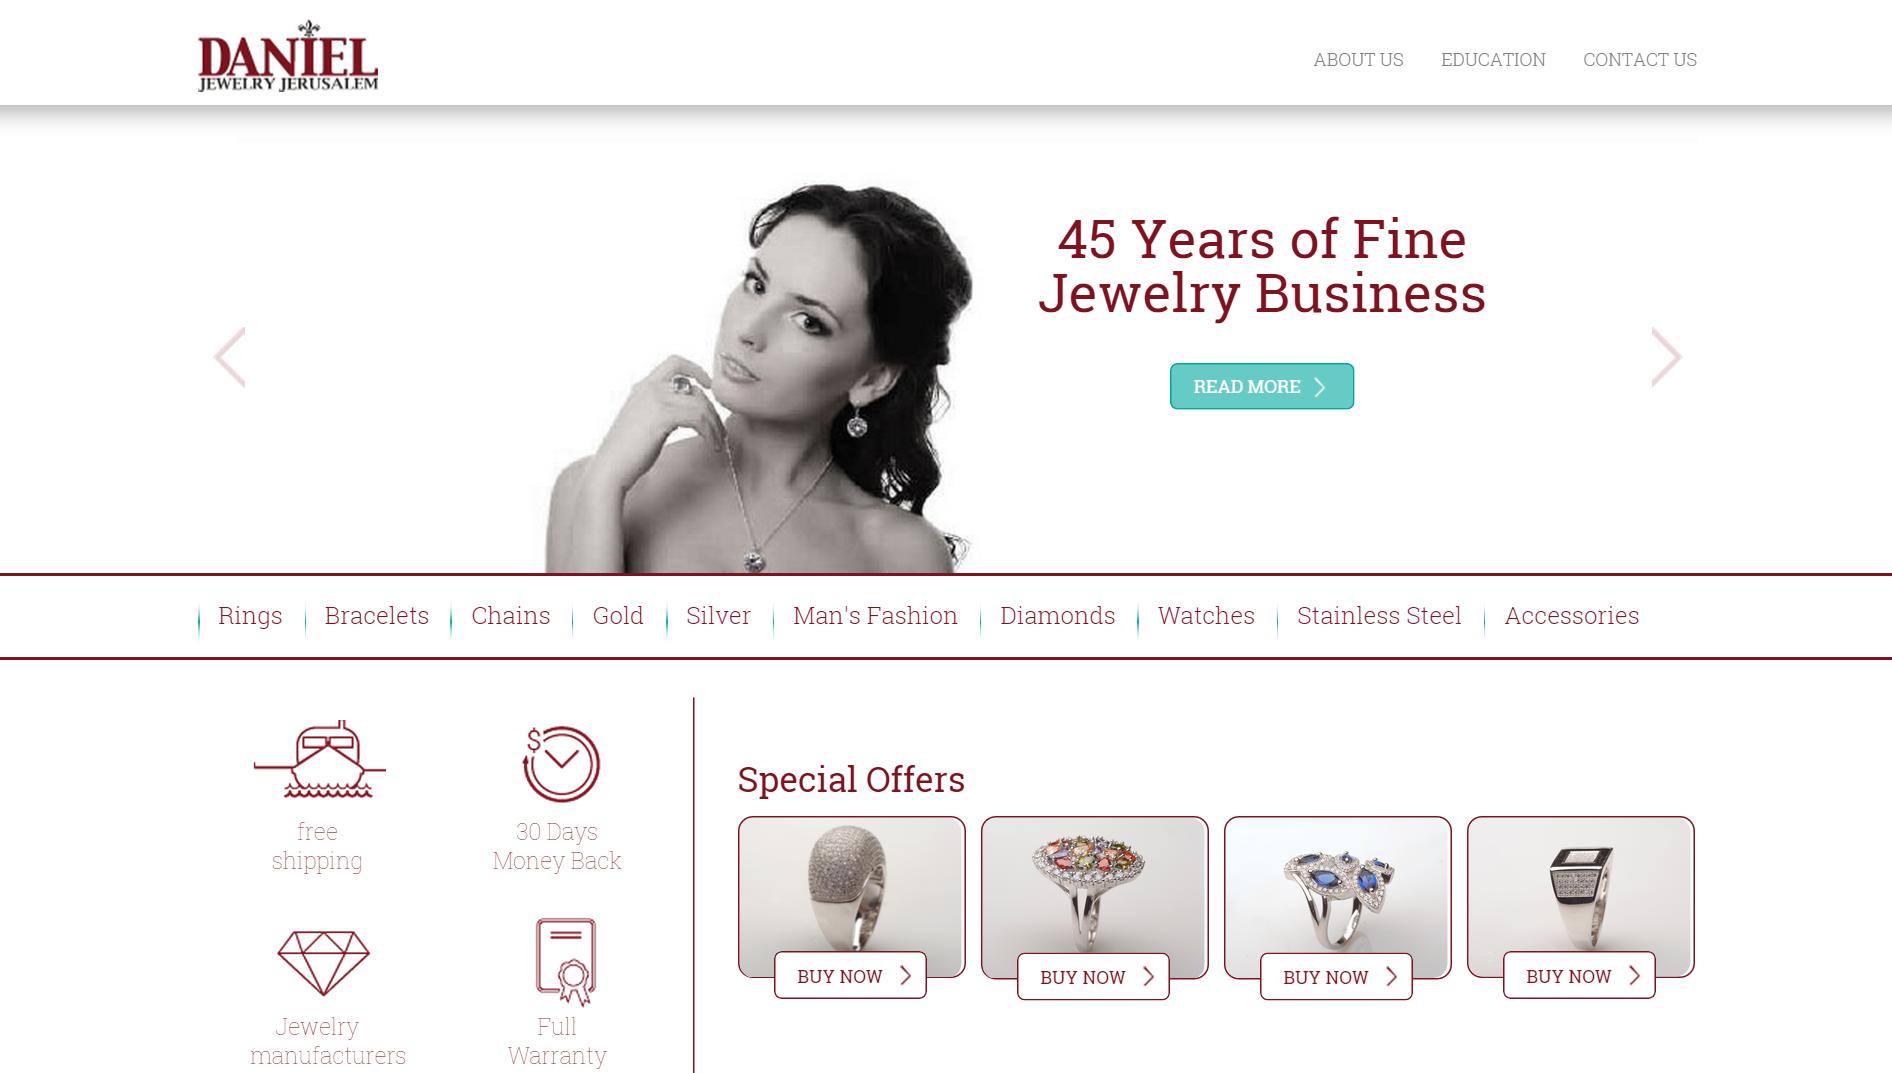 Daniel Jewelry ebay Store